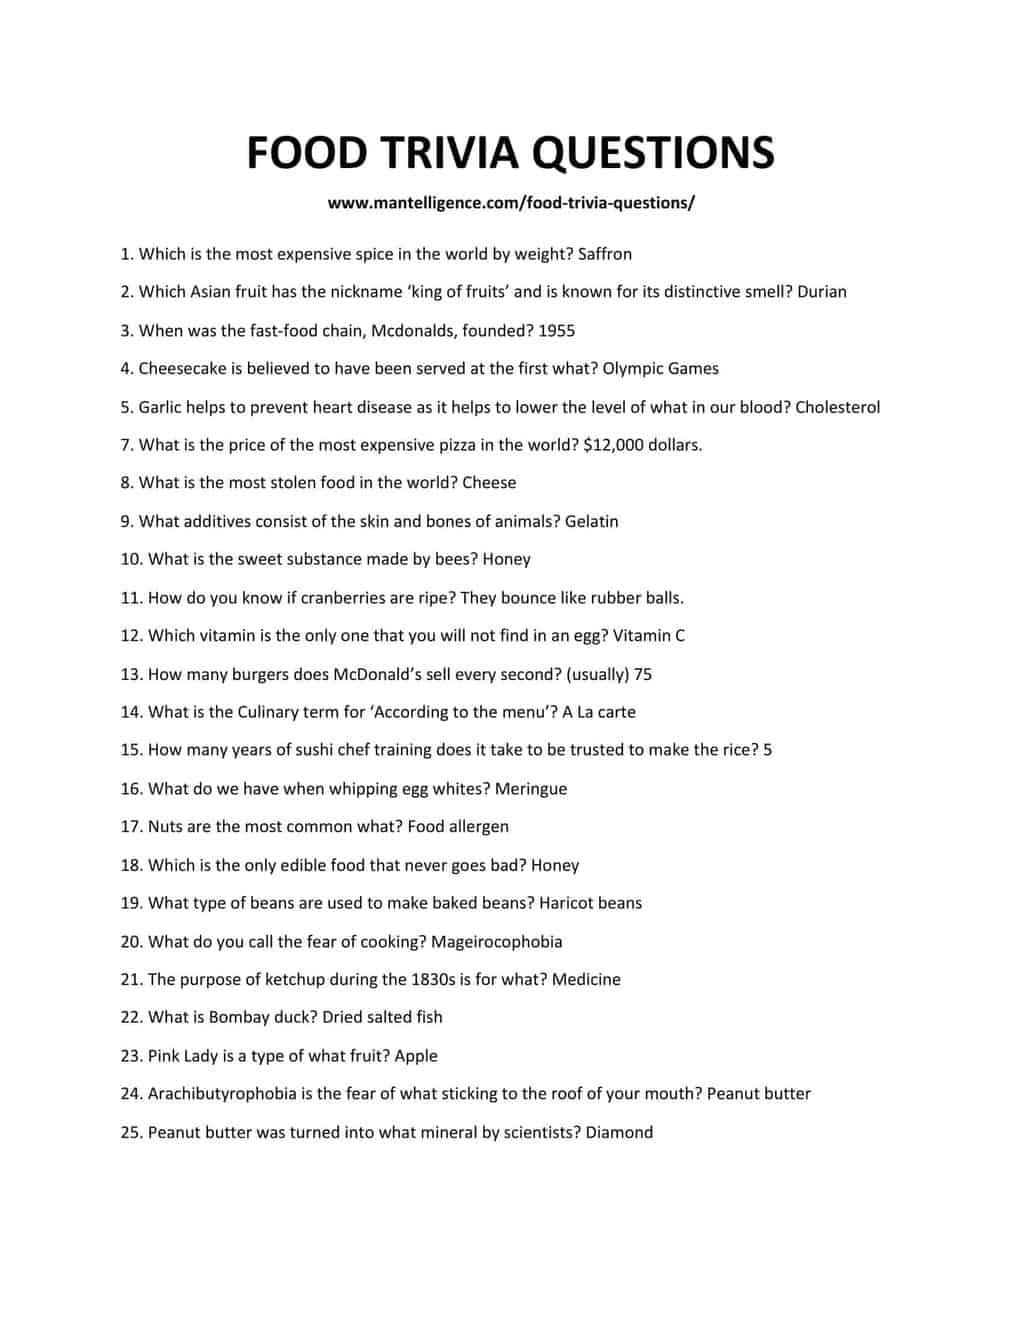 FOOD TRIVIA QUESTIONS-1